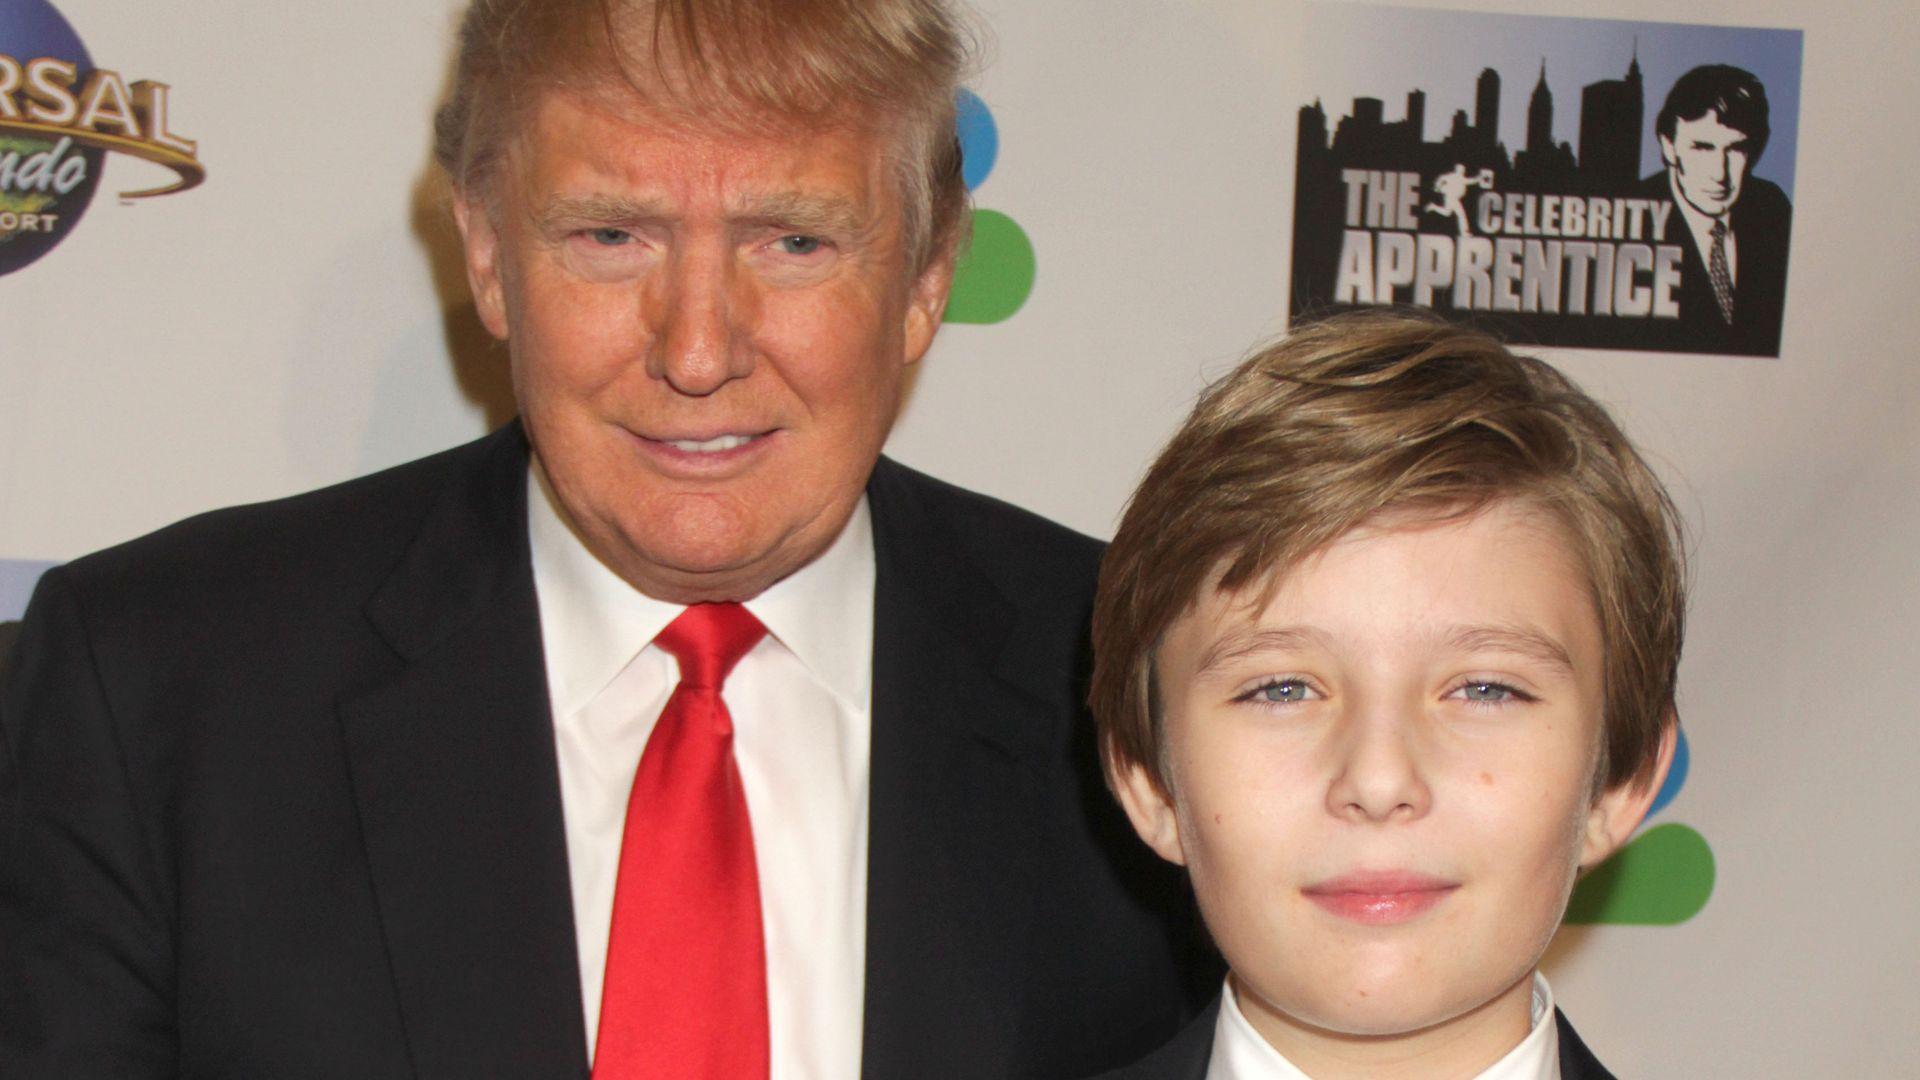 Sohn Von Donald Trump